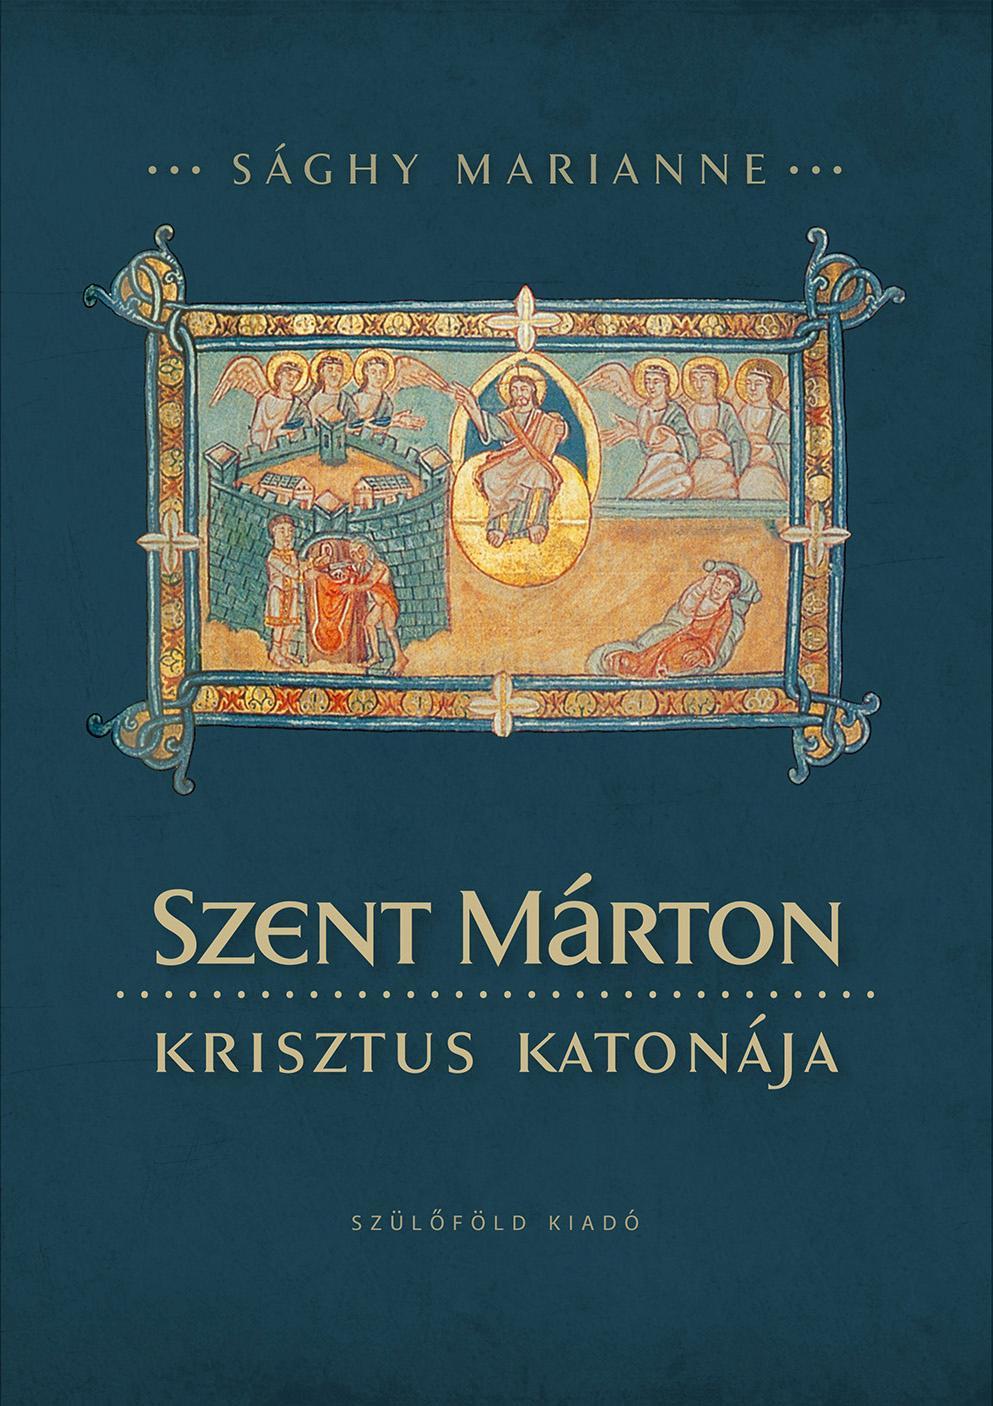 SZENT MÁRTON, KRISZTUS KATONÁJA